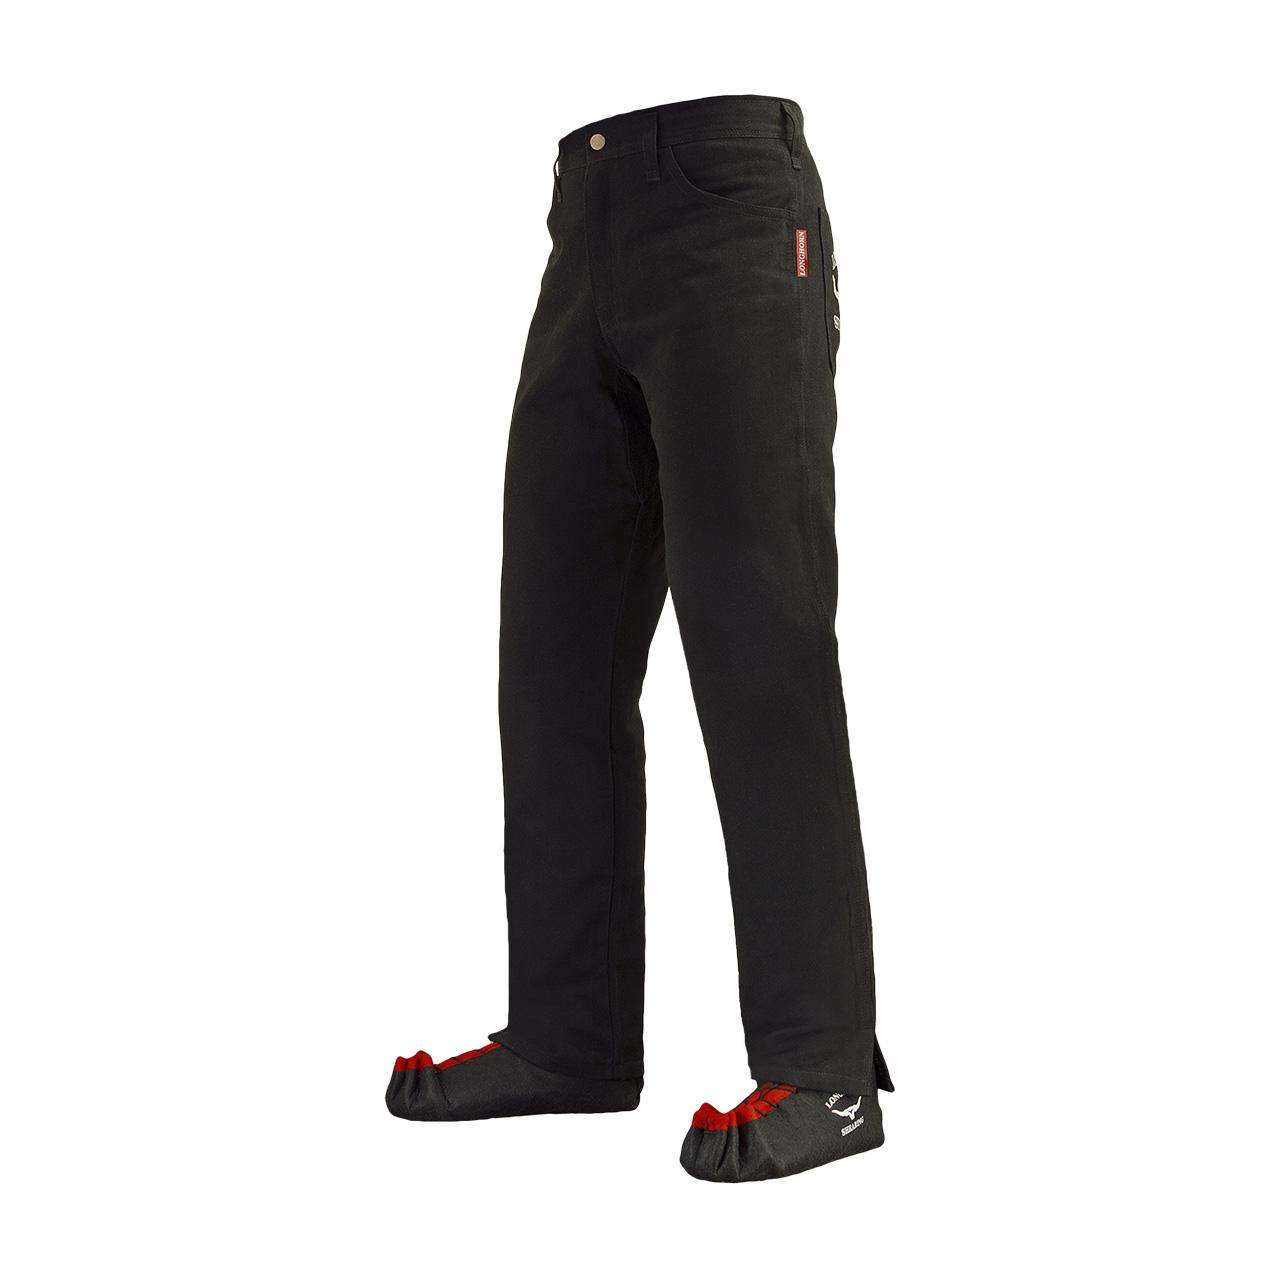 Longhorn™ kalhoty pro střihače ovcí s 2 předními kapsami velikost Regular 38/33 R7